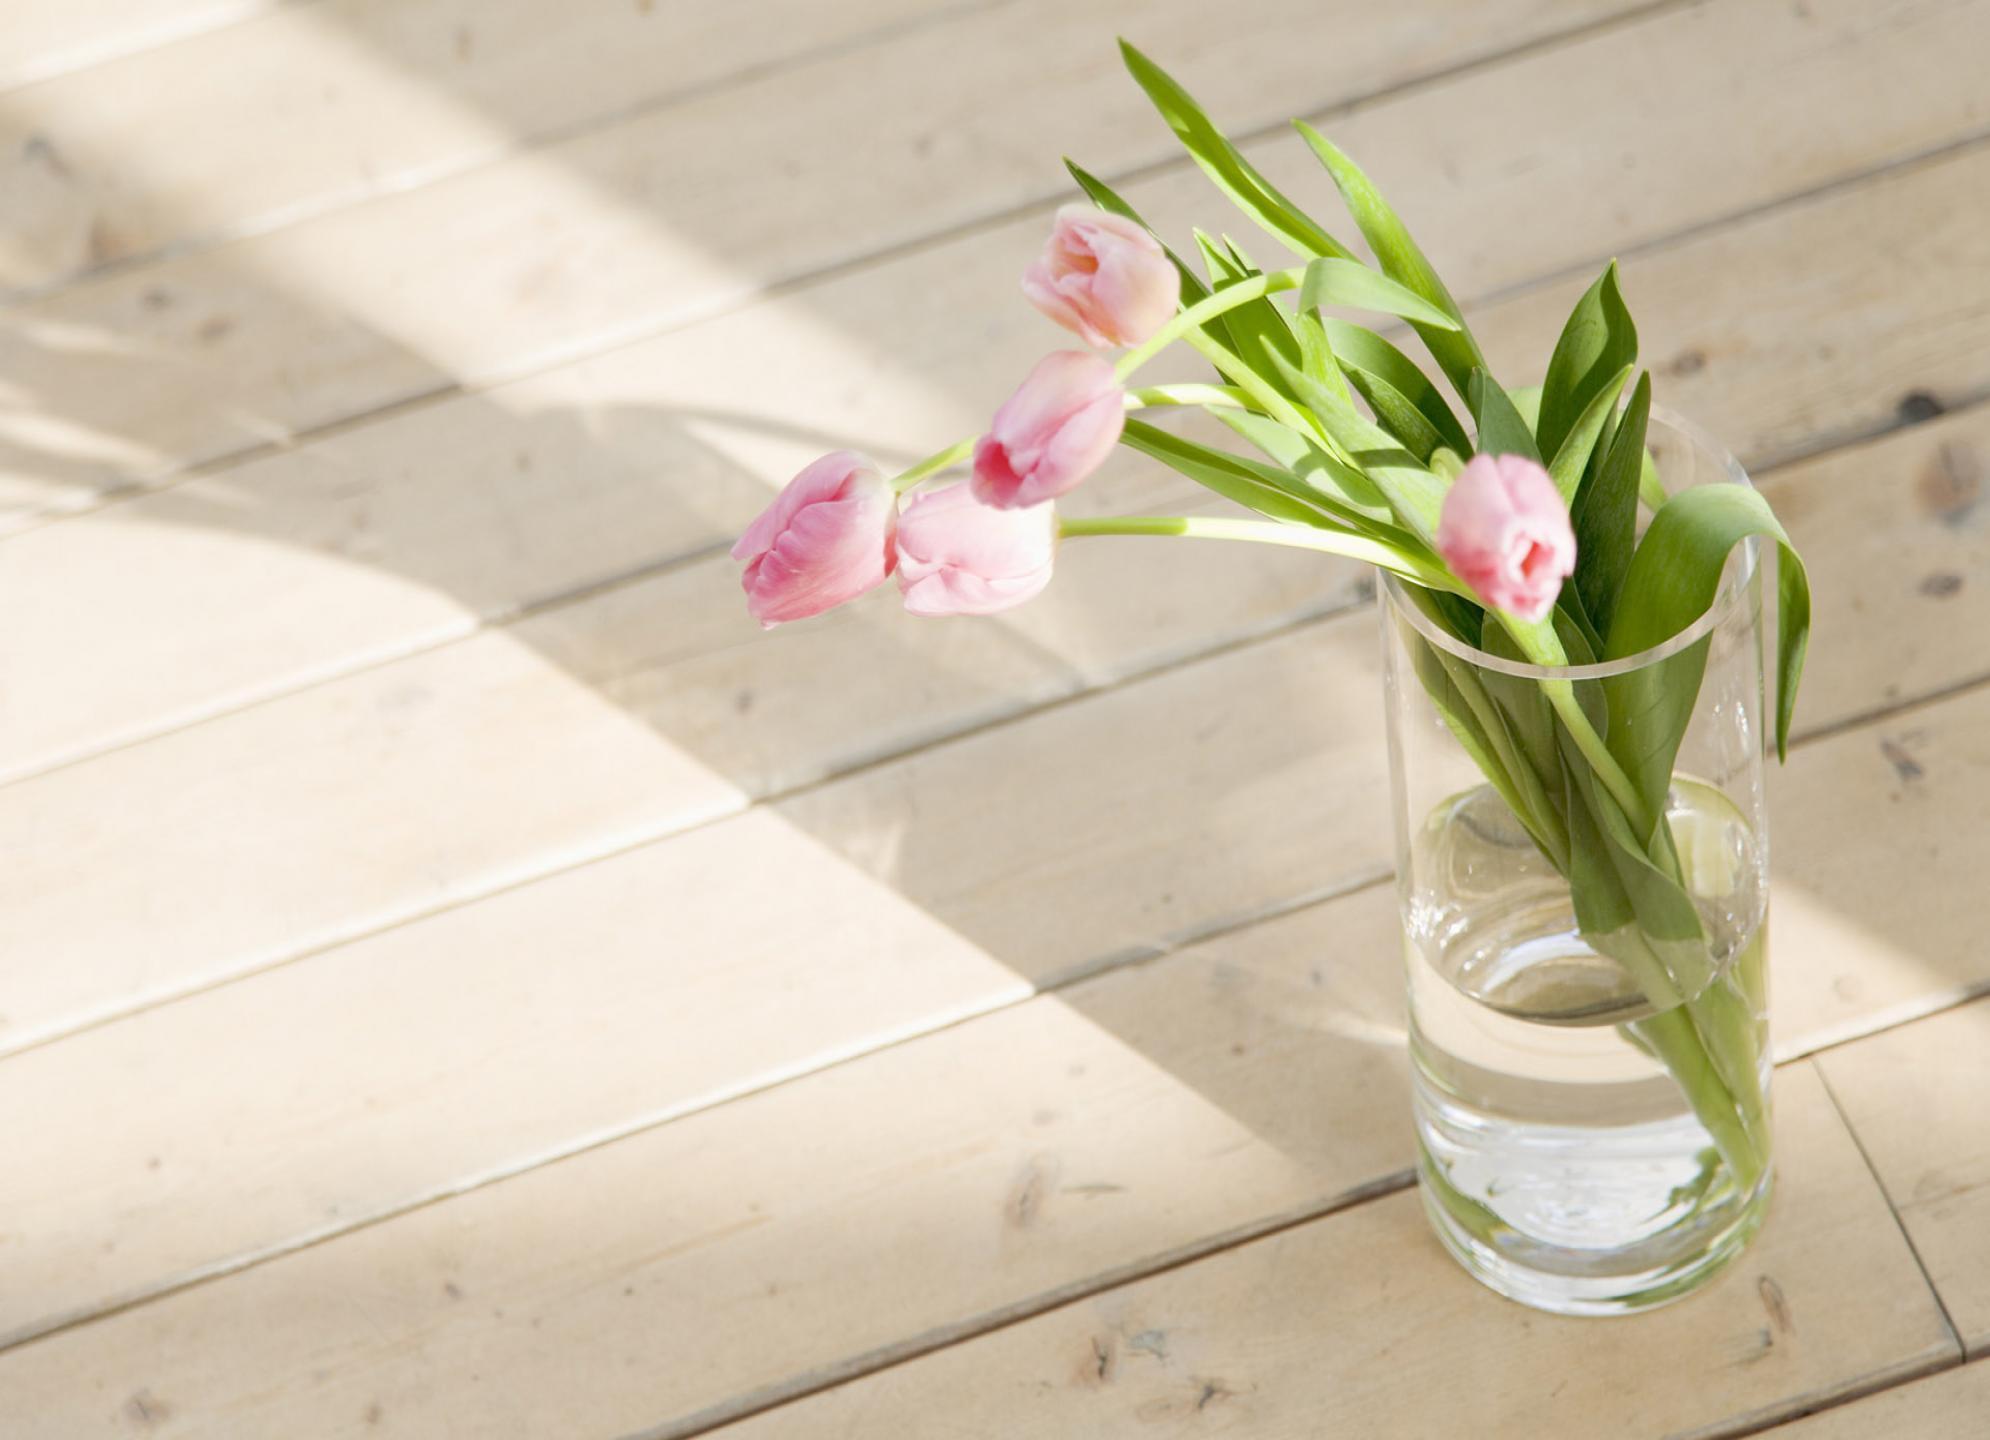 18530 скачать обои Растения, Цветы, Тюльпаны, Натюрморт - заставки и картинки бесплатно